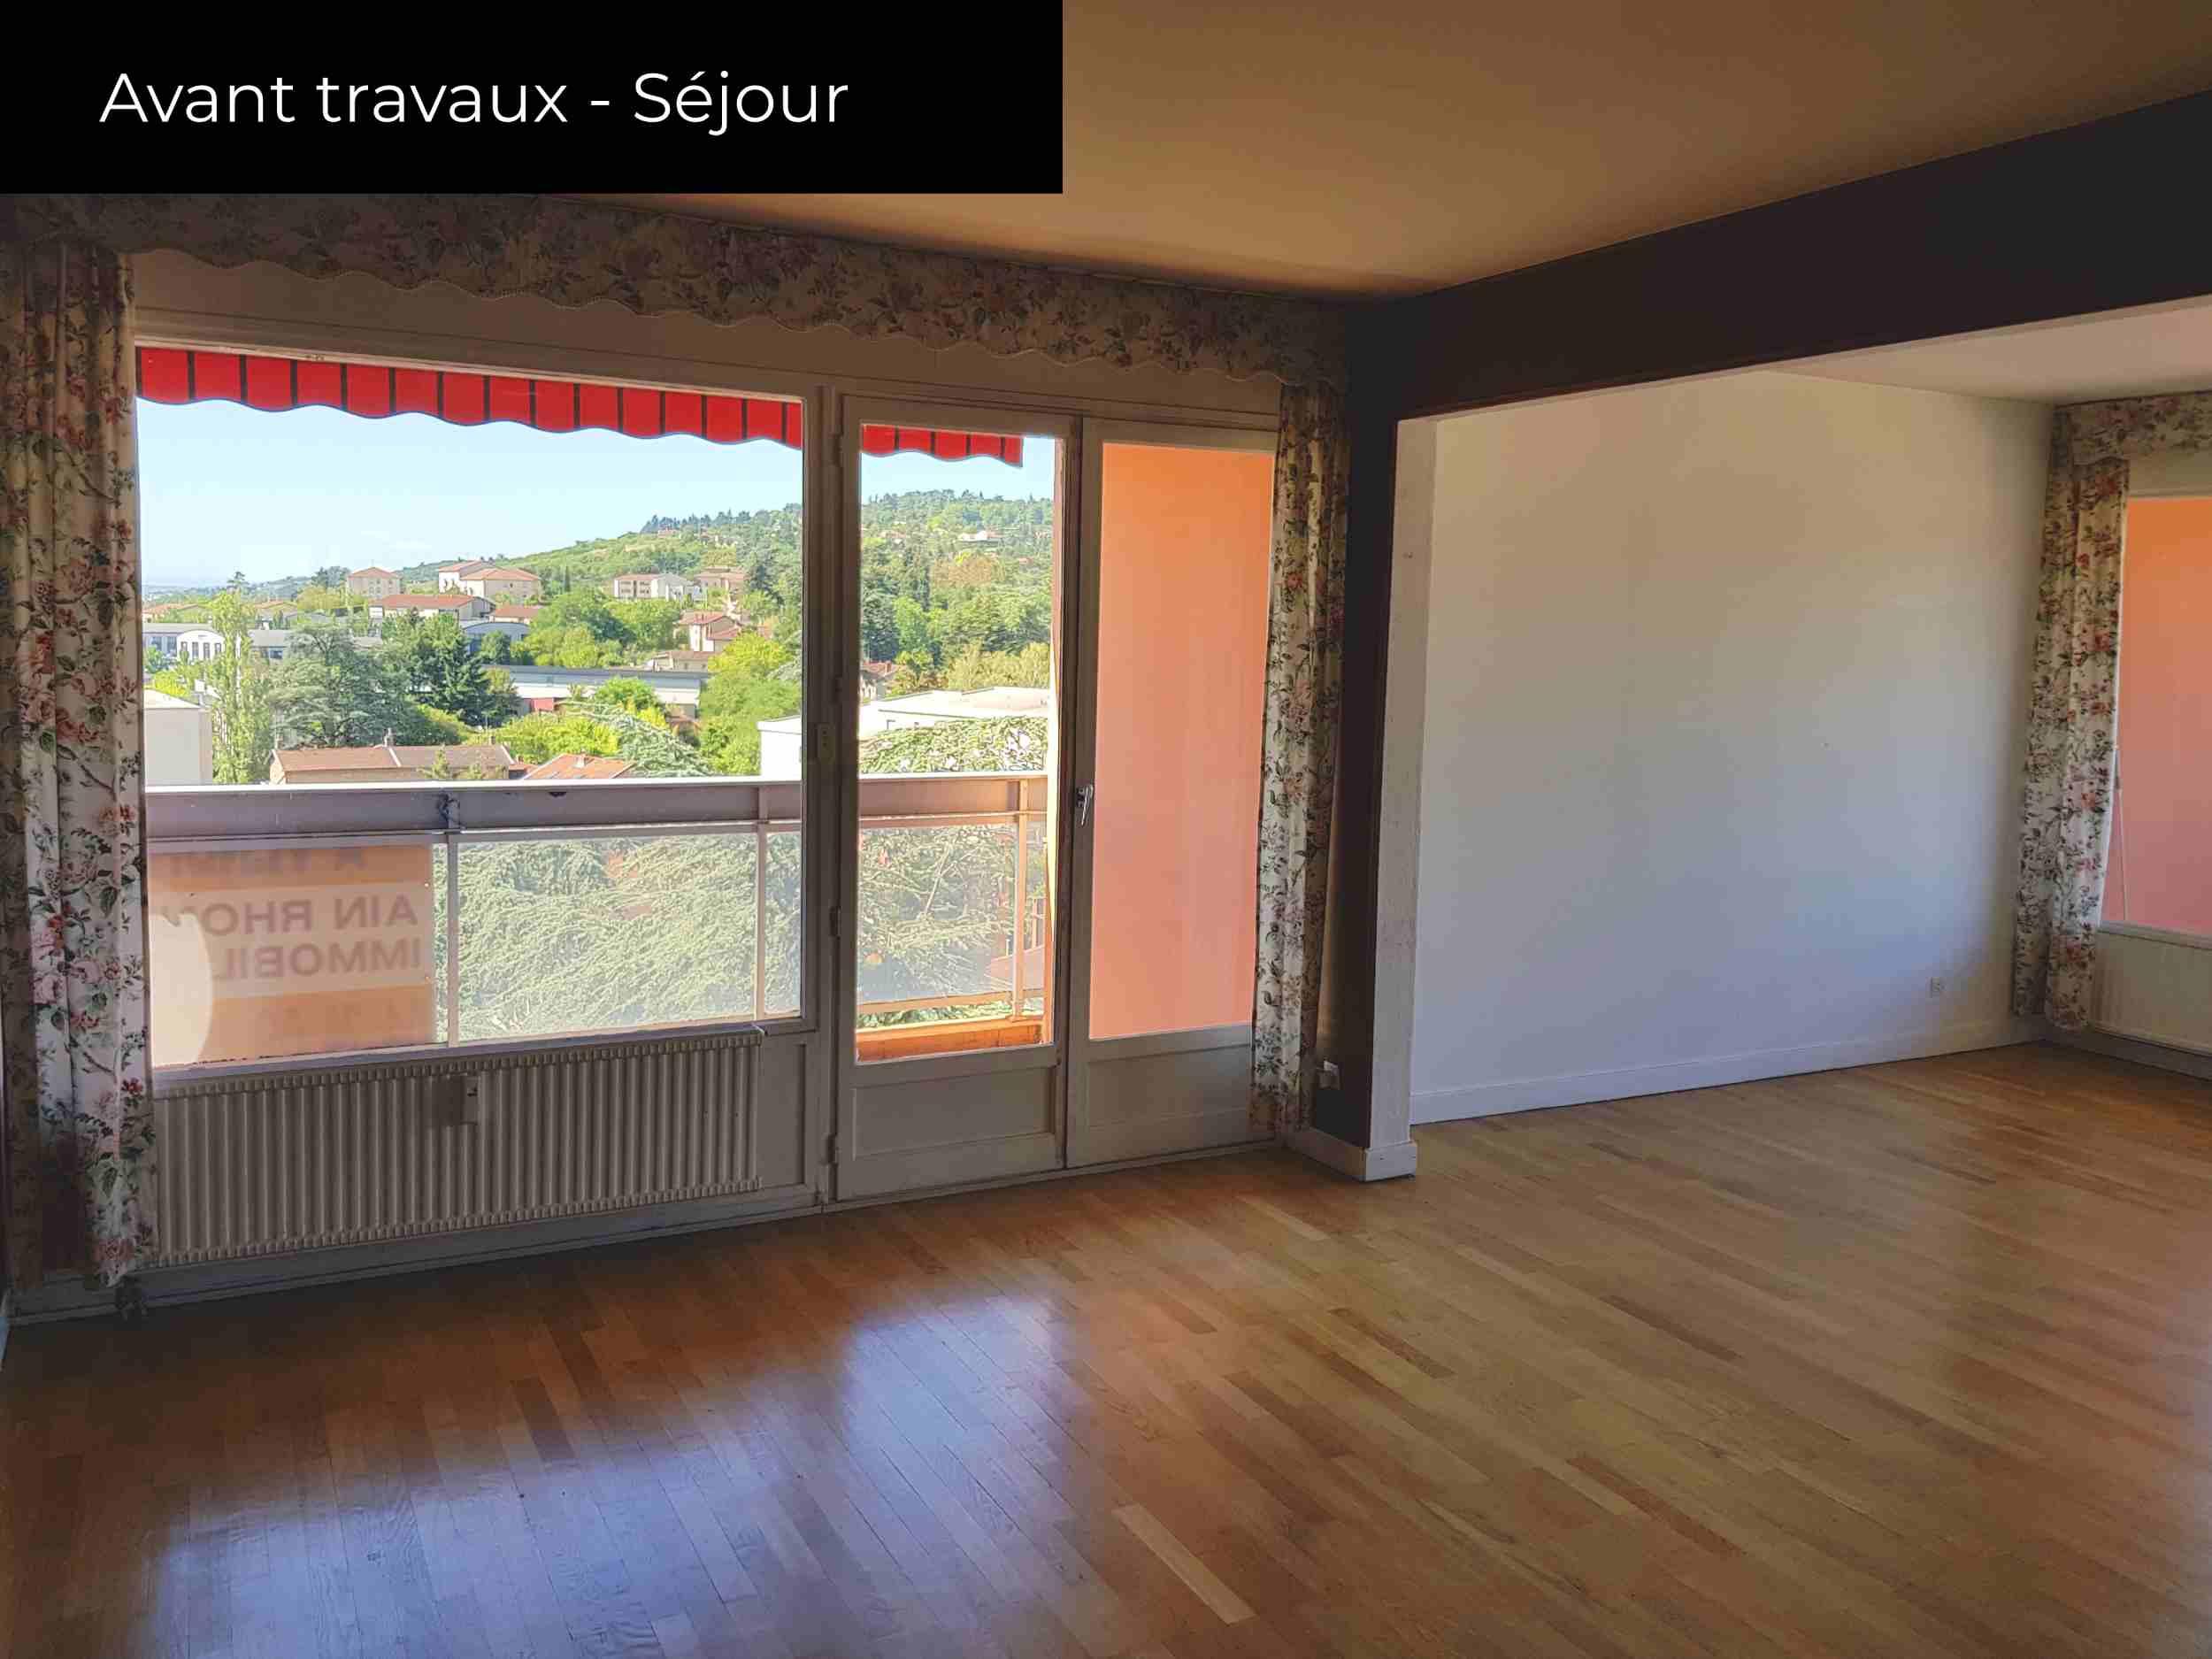 renovation-appartement-lyon-sejour-avant-3